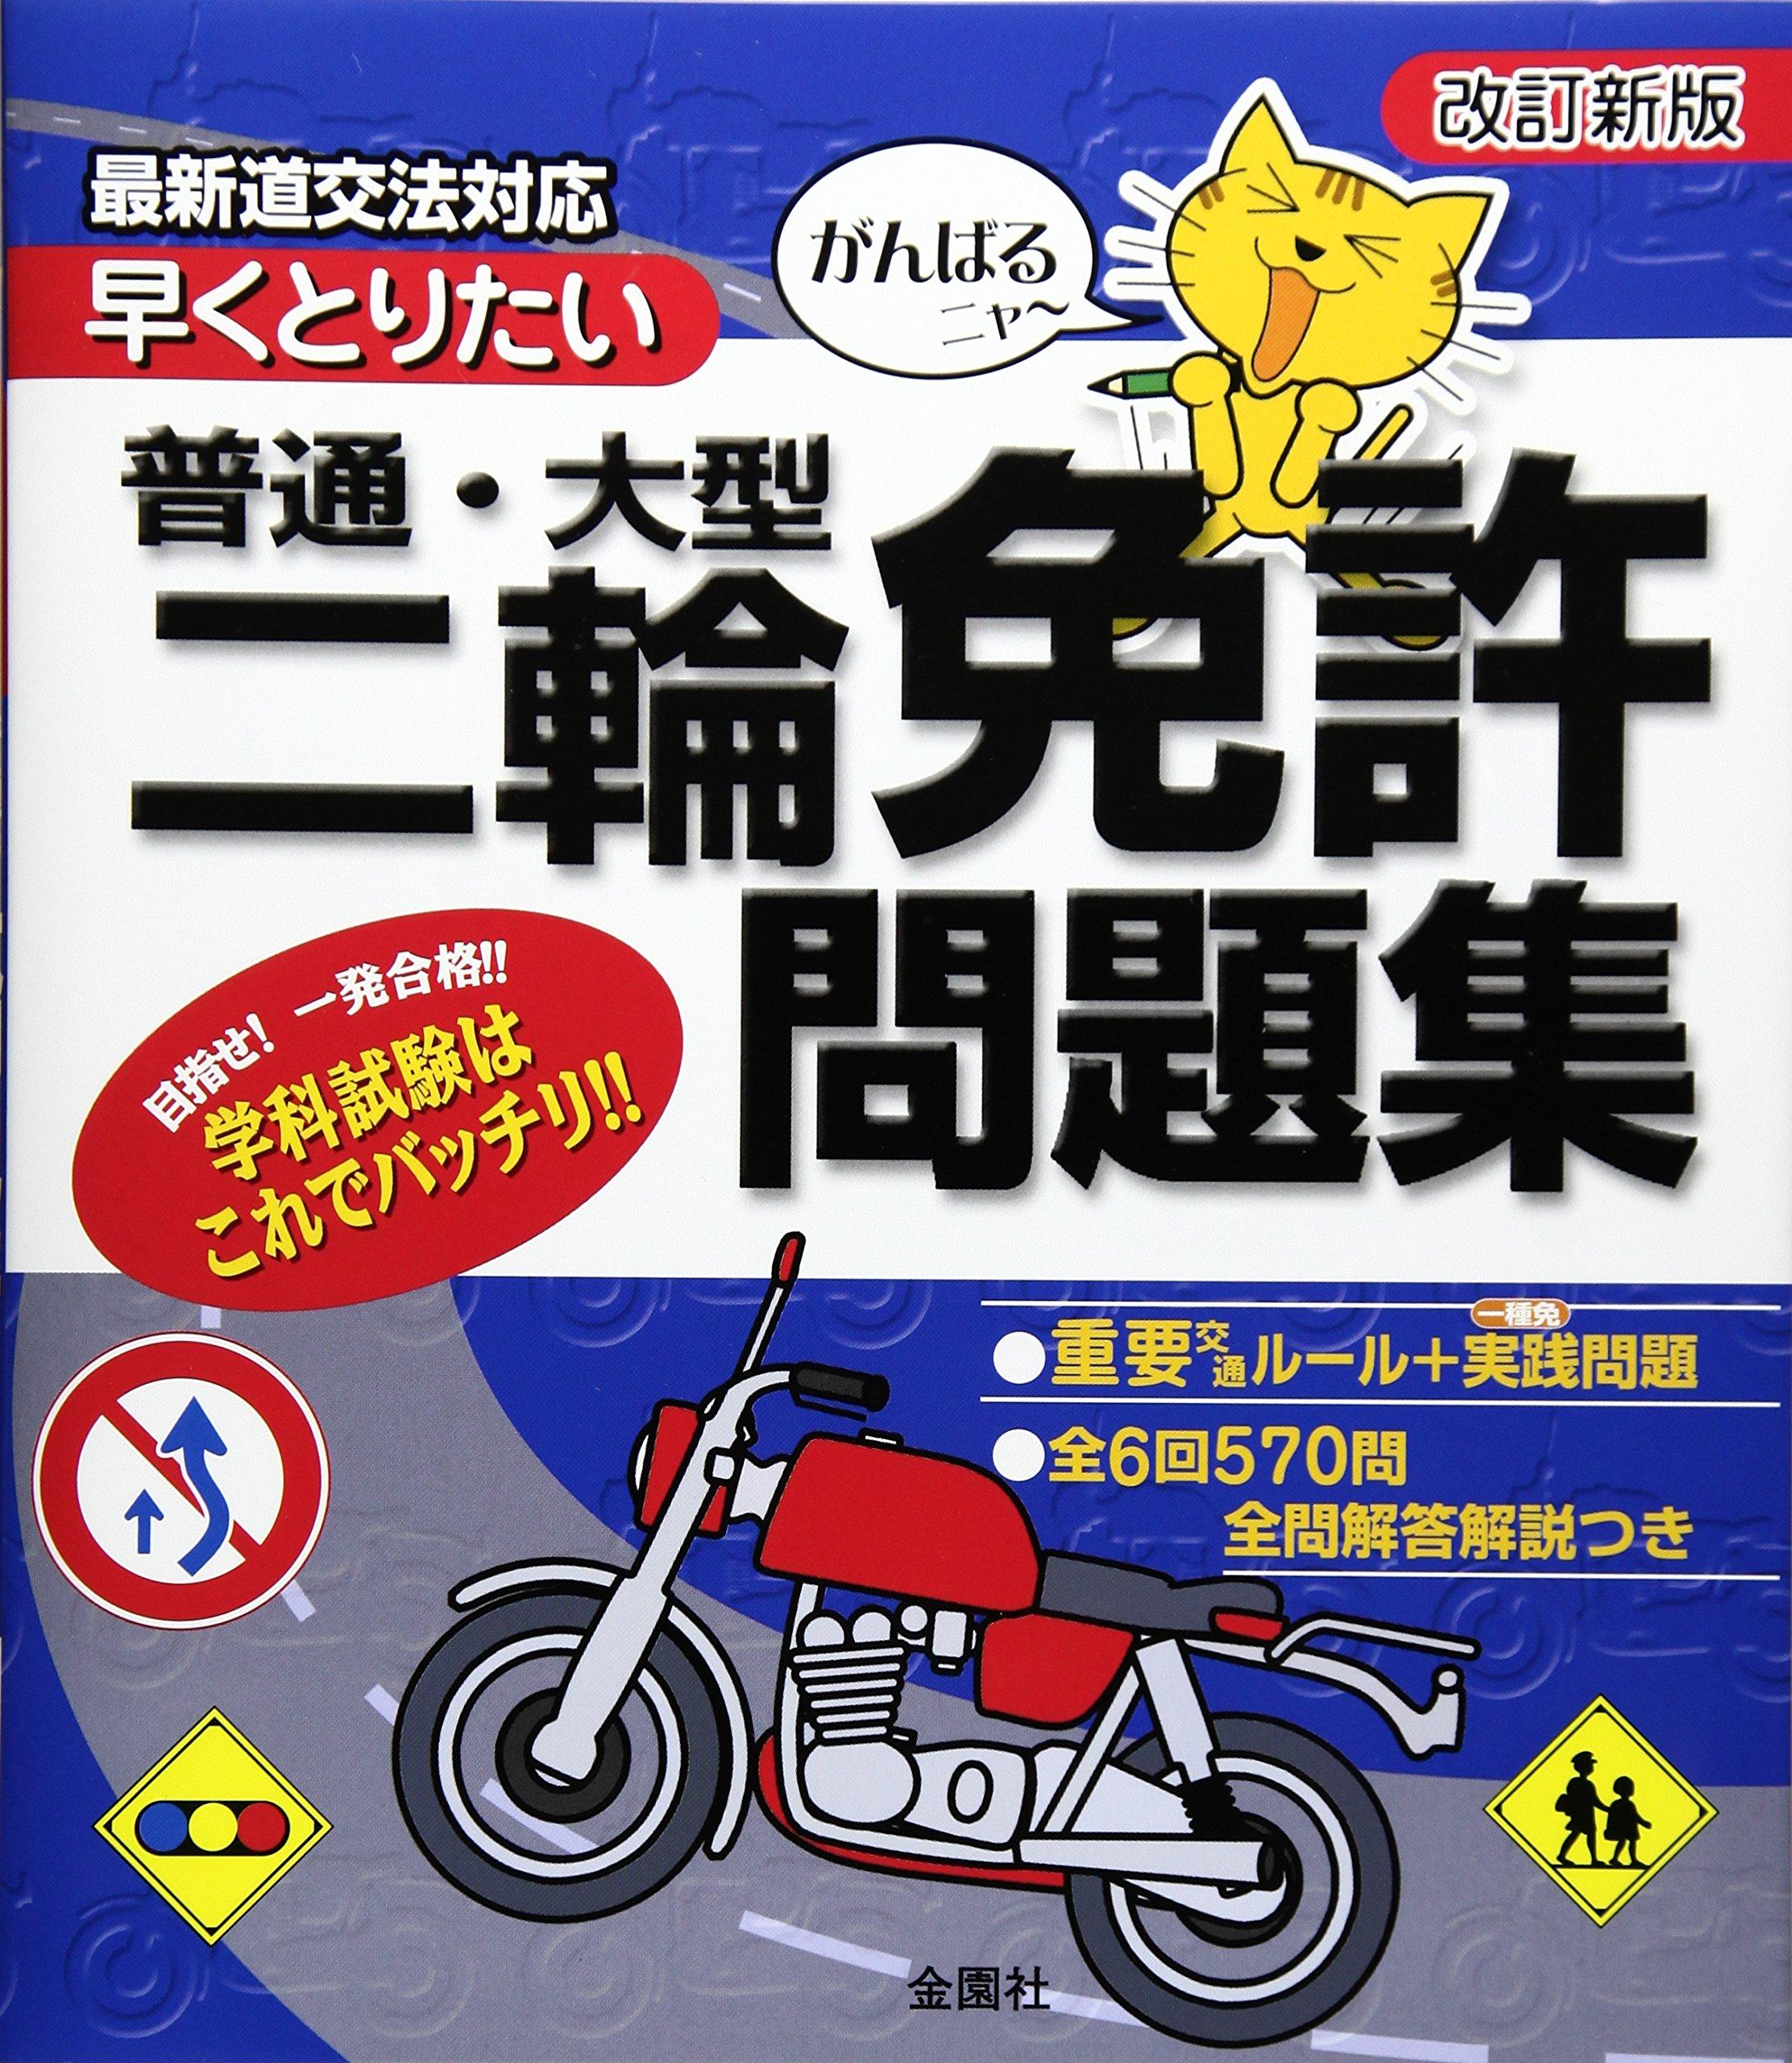 『がんばるニャー 早くとりたい普通・大型二輪免許問題集』(金園社)